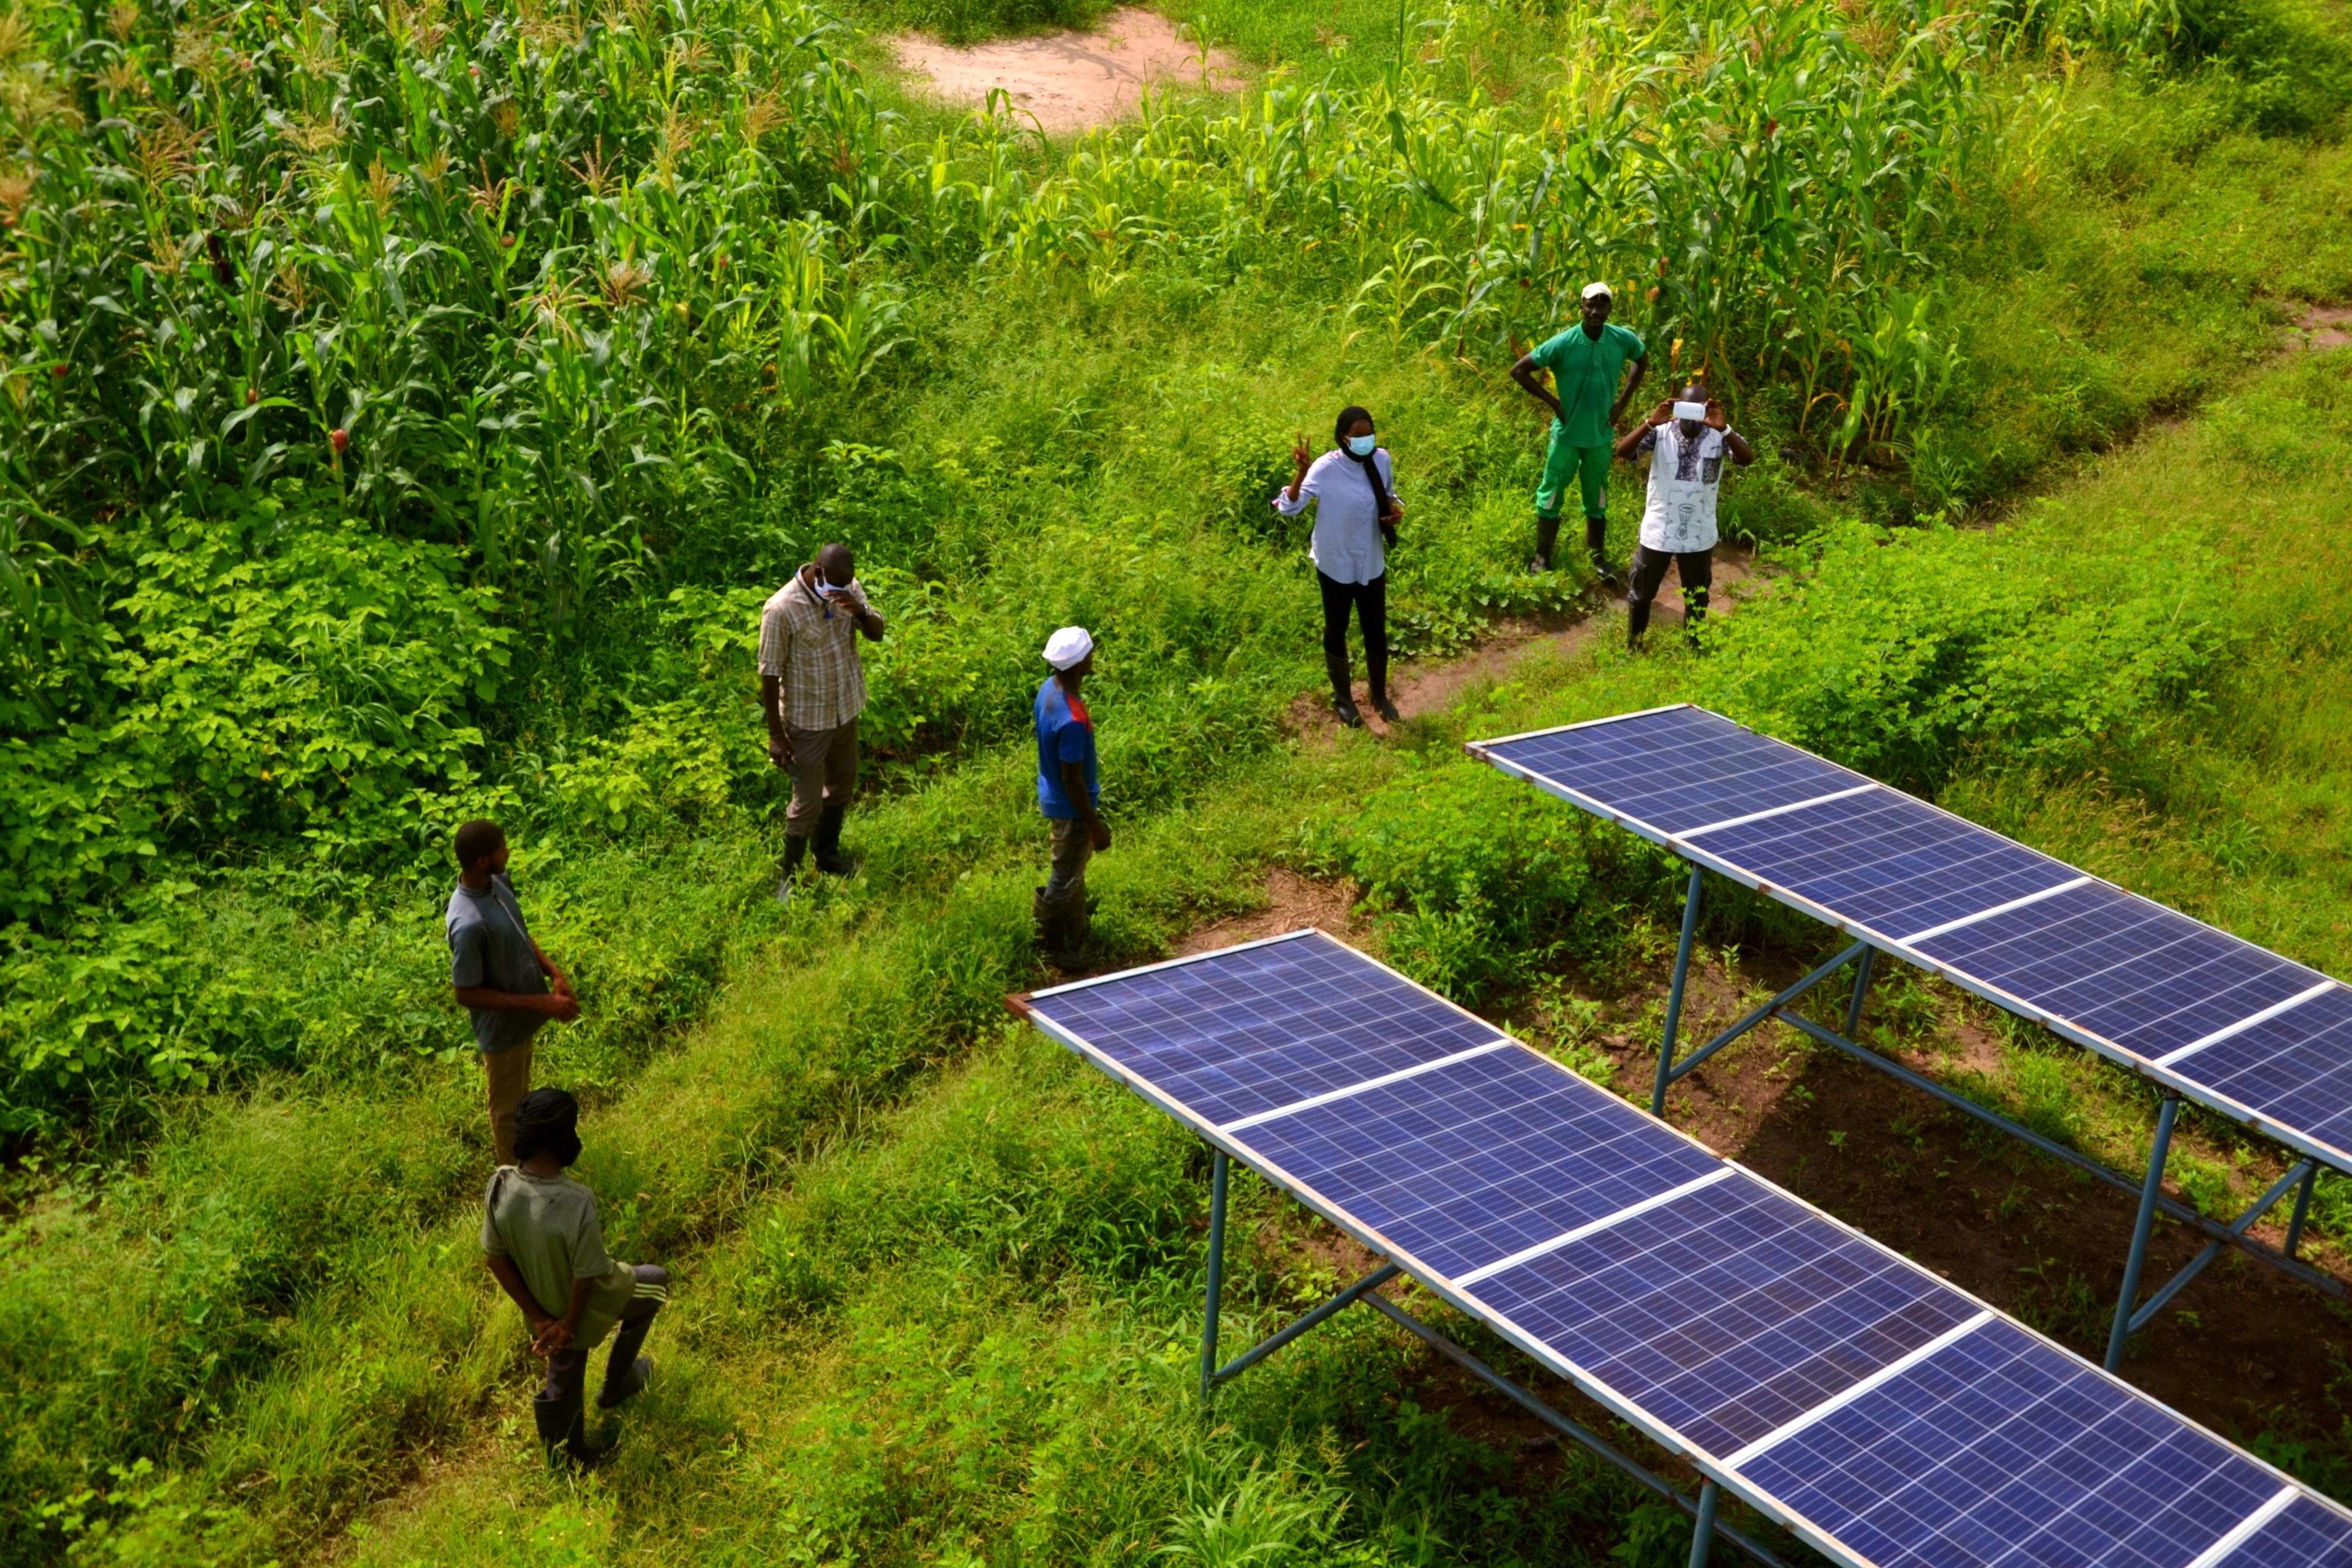 Personen schauen sich Solaranlagen an